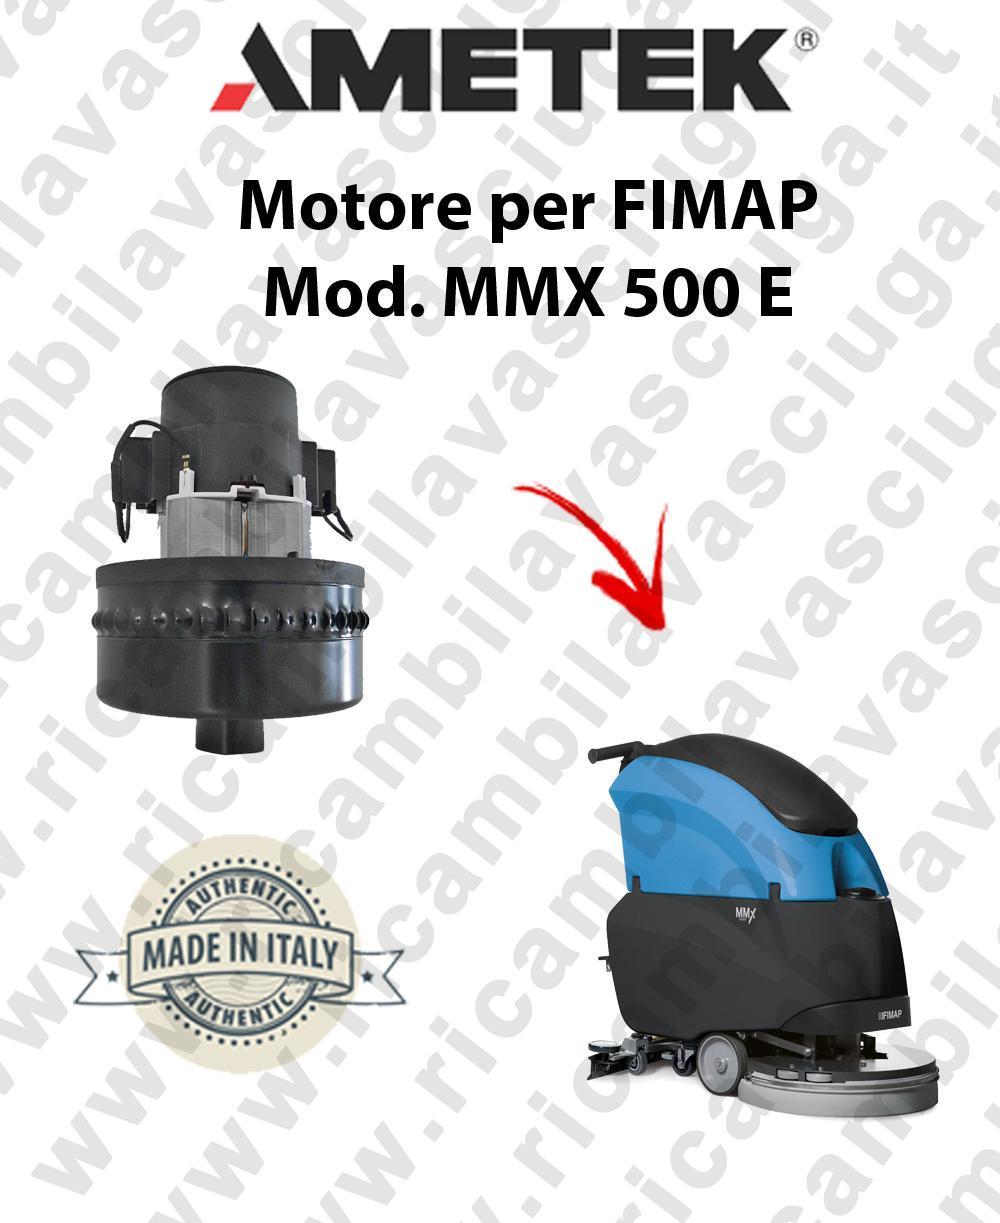 MMX 500 ünd Saugmotor AMETEK für scheuersaugmaschinen FIMAP